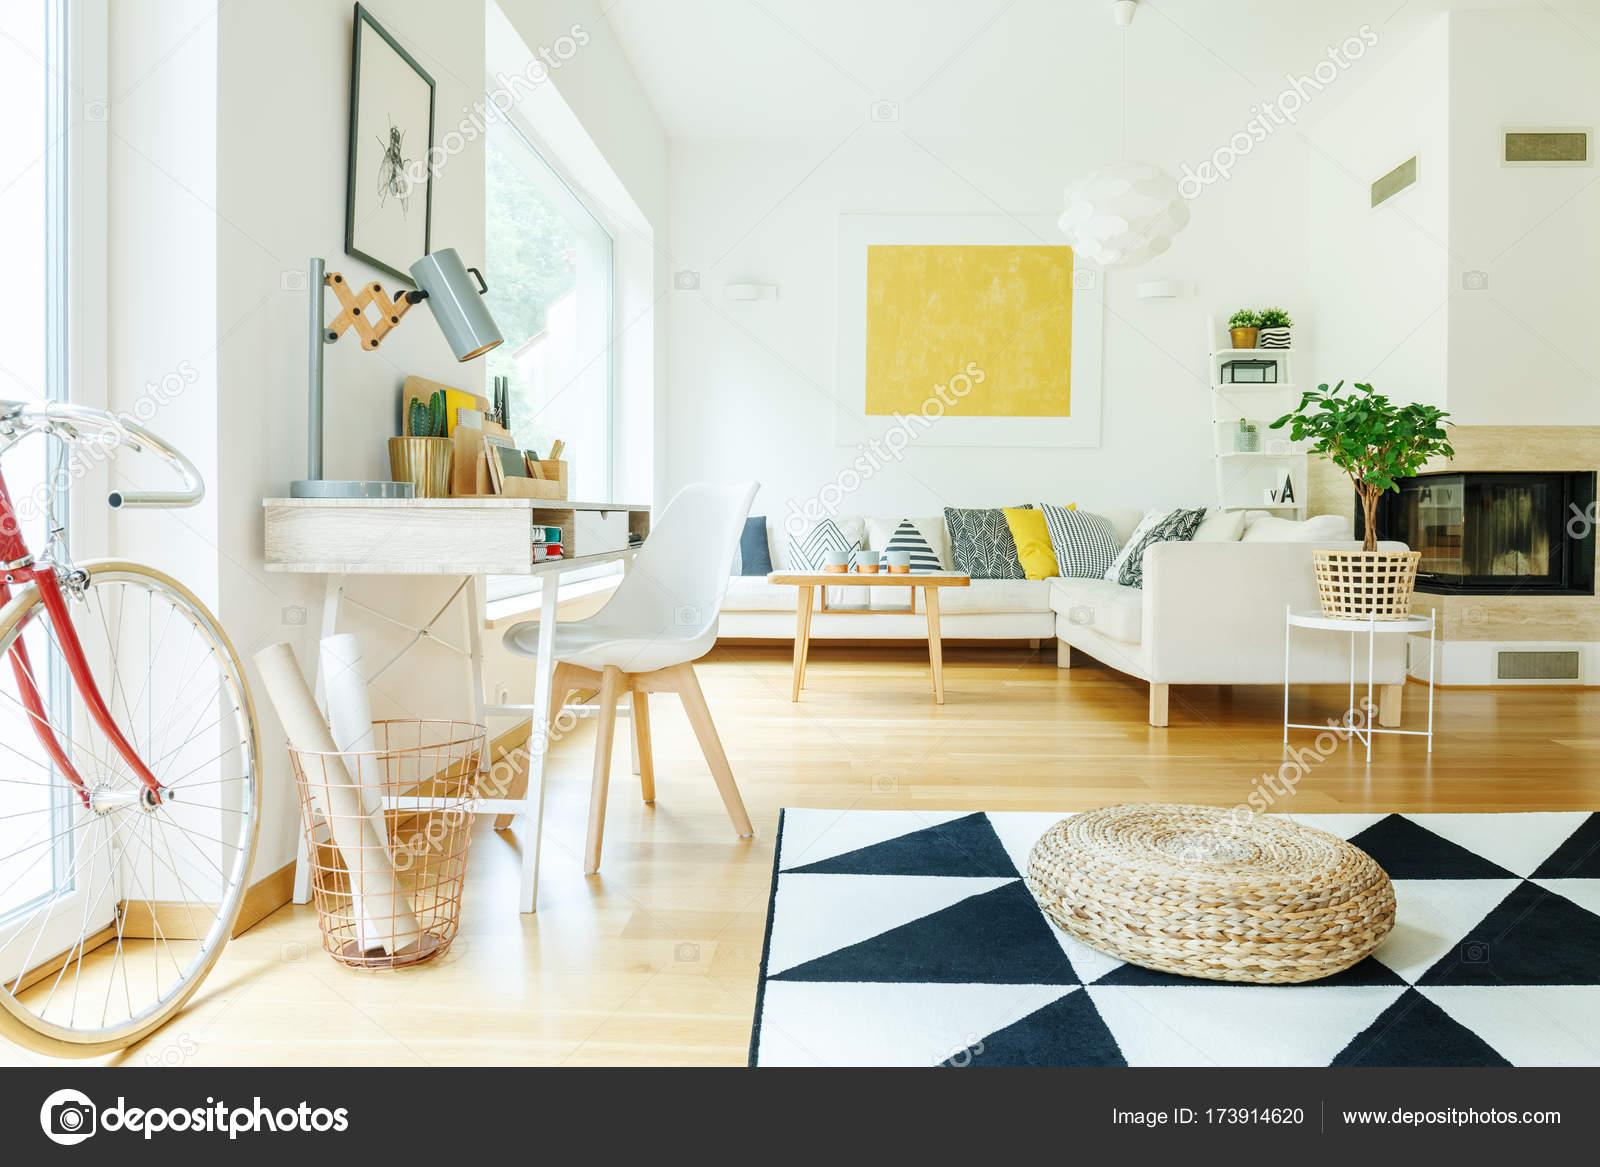 https://st3.depositphotos.com/2249091/17391/i/1600/depositphotos_173914620-stockafbeelding-woonkamer-met-goud-schilderij.jpg